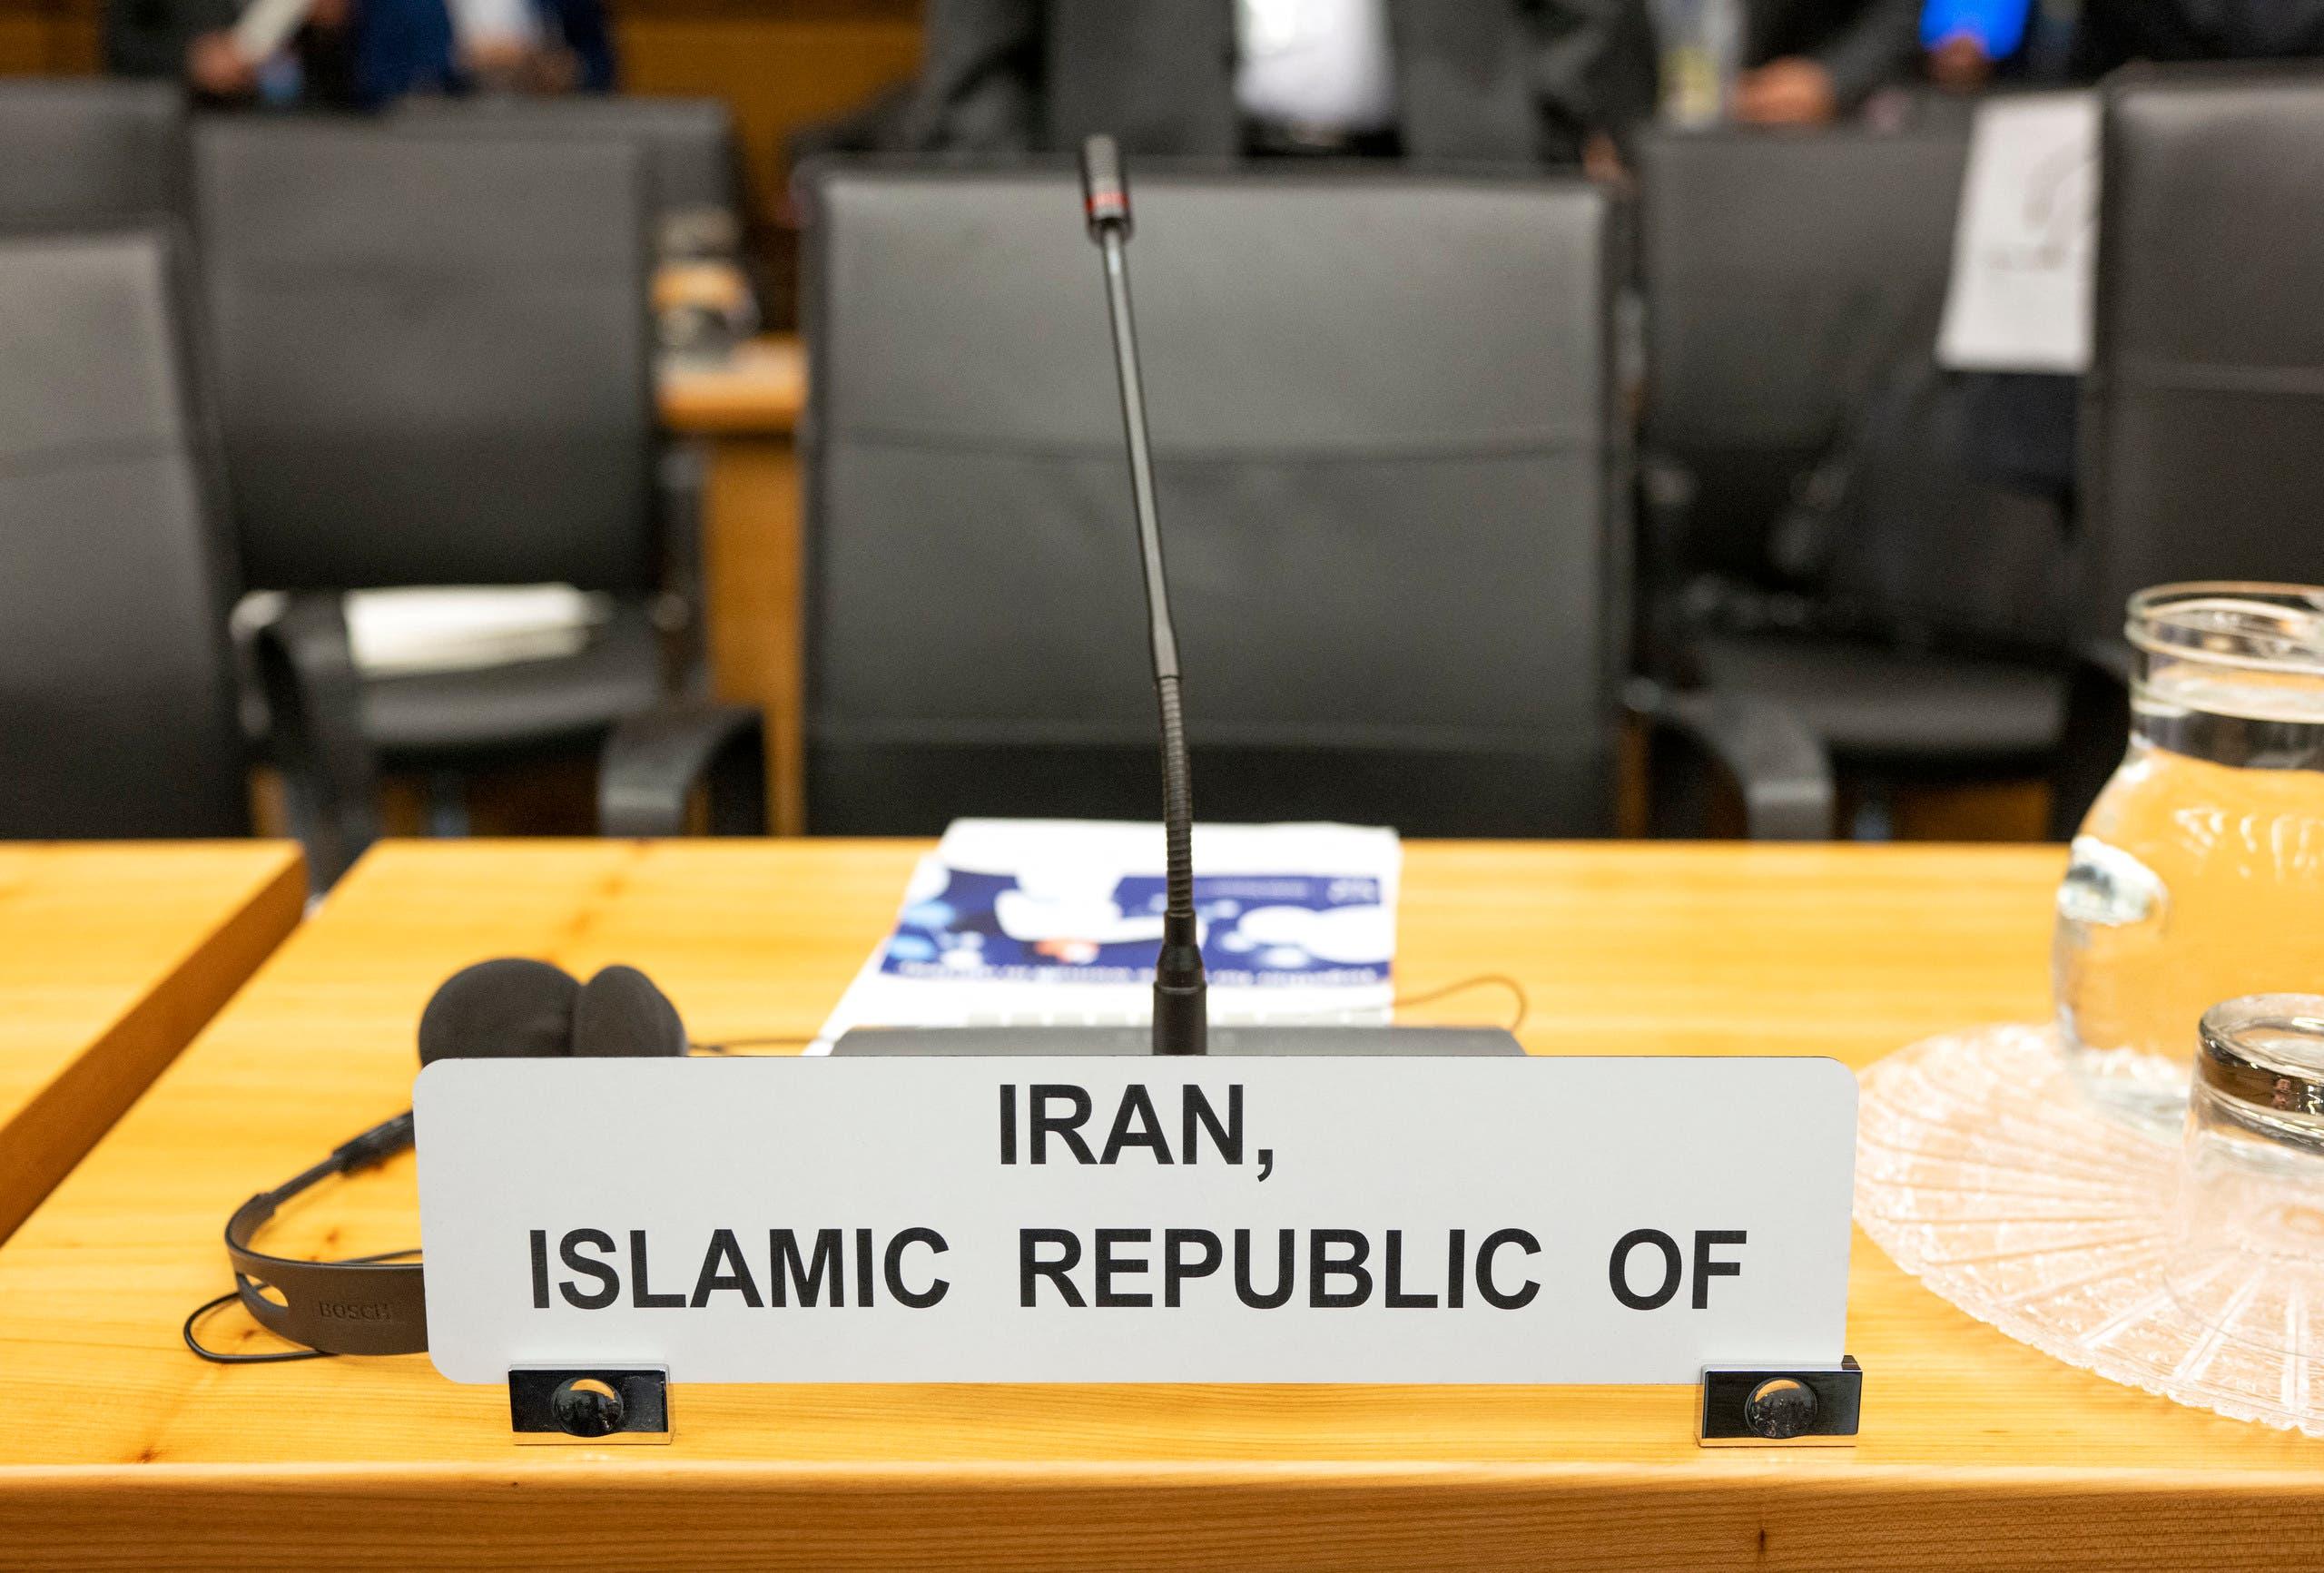 مقعد إيران في الوكالة الدولية للطاقة الذرية (أرشيفية- فرانس برس